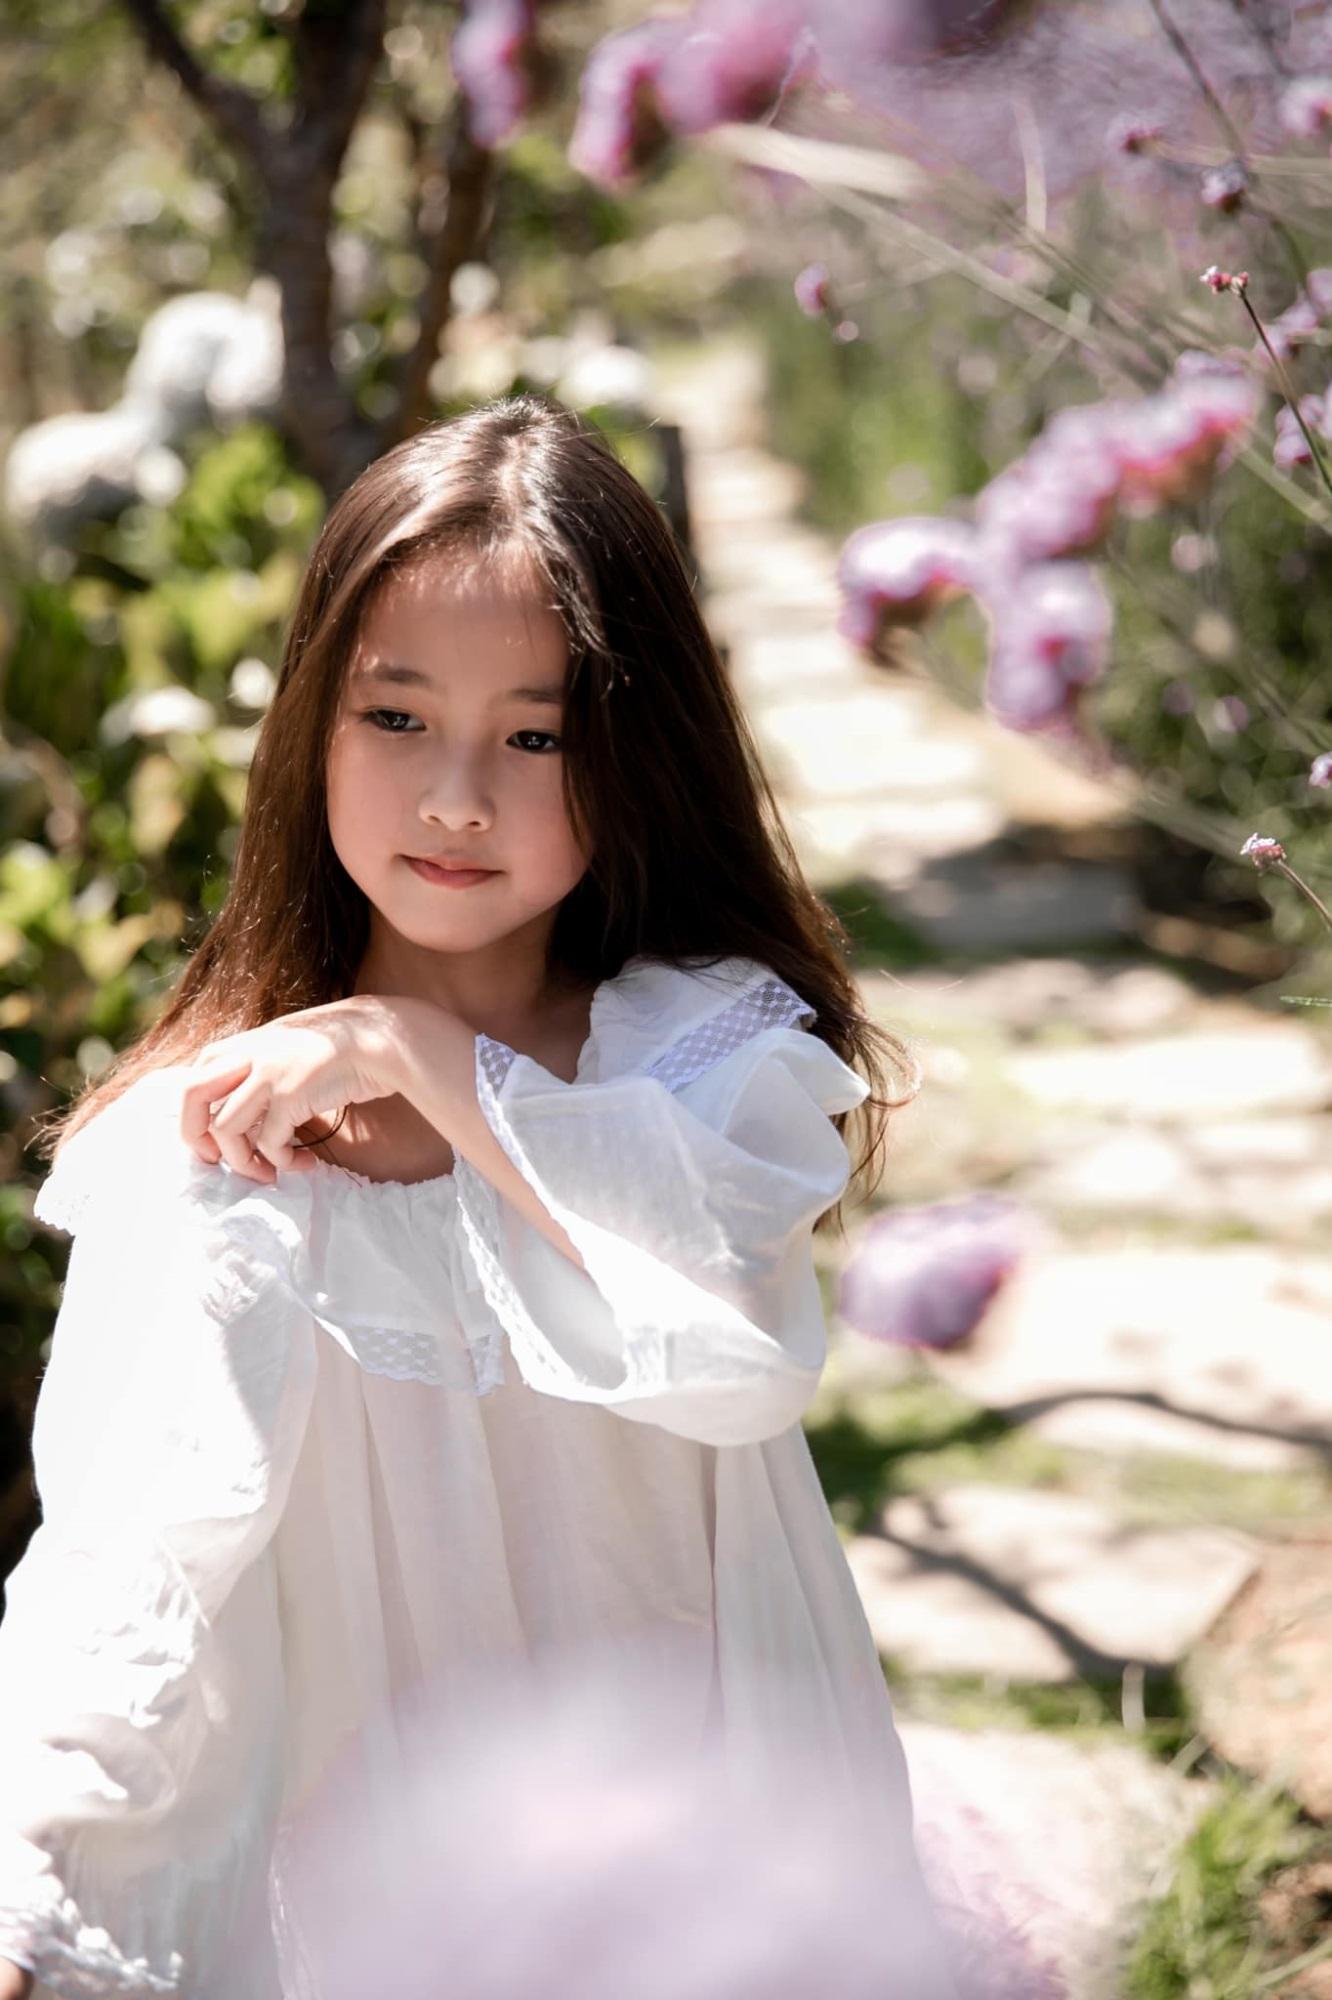 """Không hổ danh con gái Hoa hậu, công chúa nhỏ của Hà Kiều Anh sở hữu """"gen đẹp"""" của mẹ, càng lớn càng lộ khí chất đại mỹ nhân - Ảnh 4"""